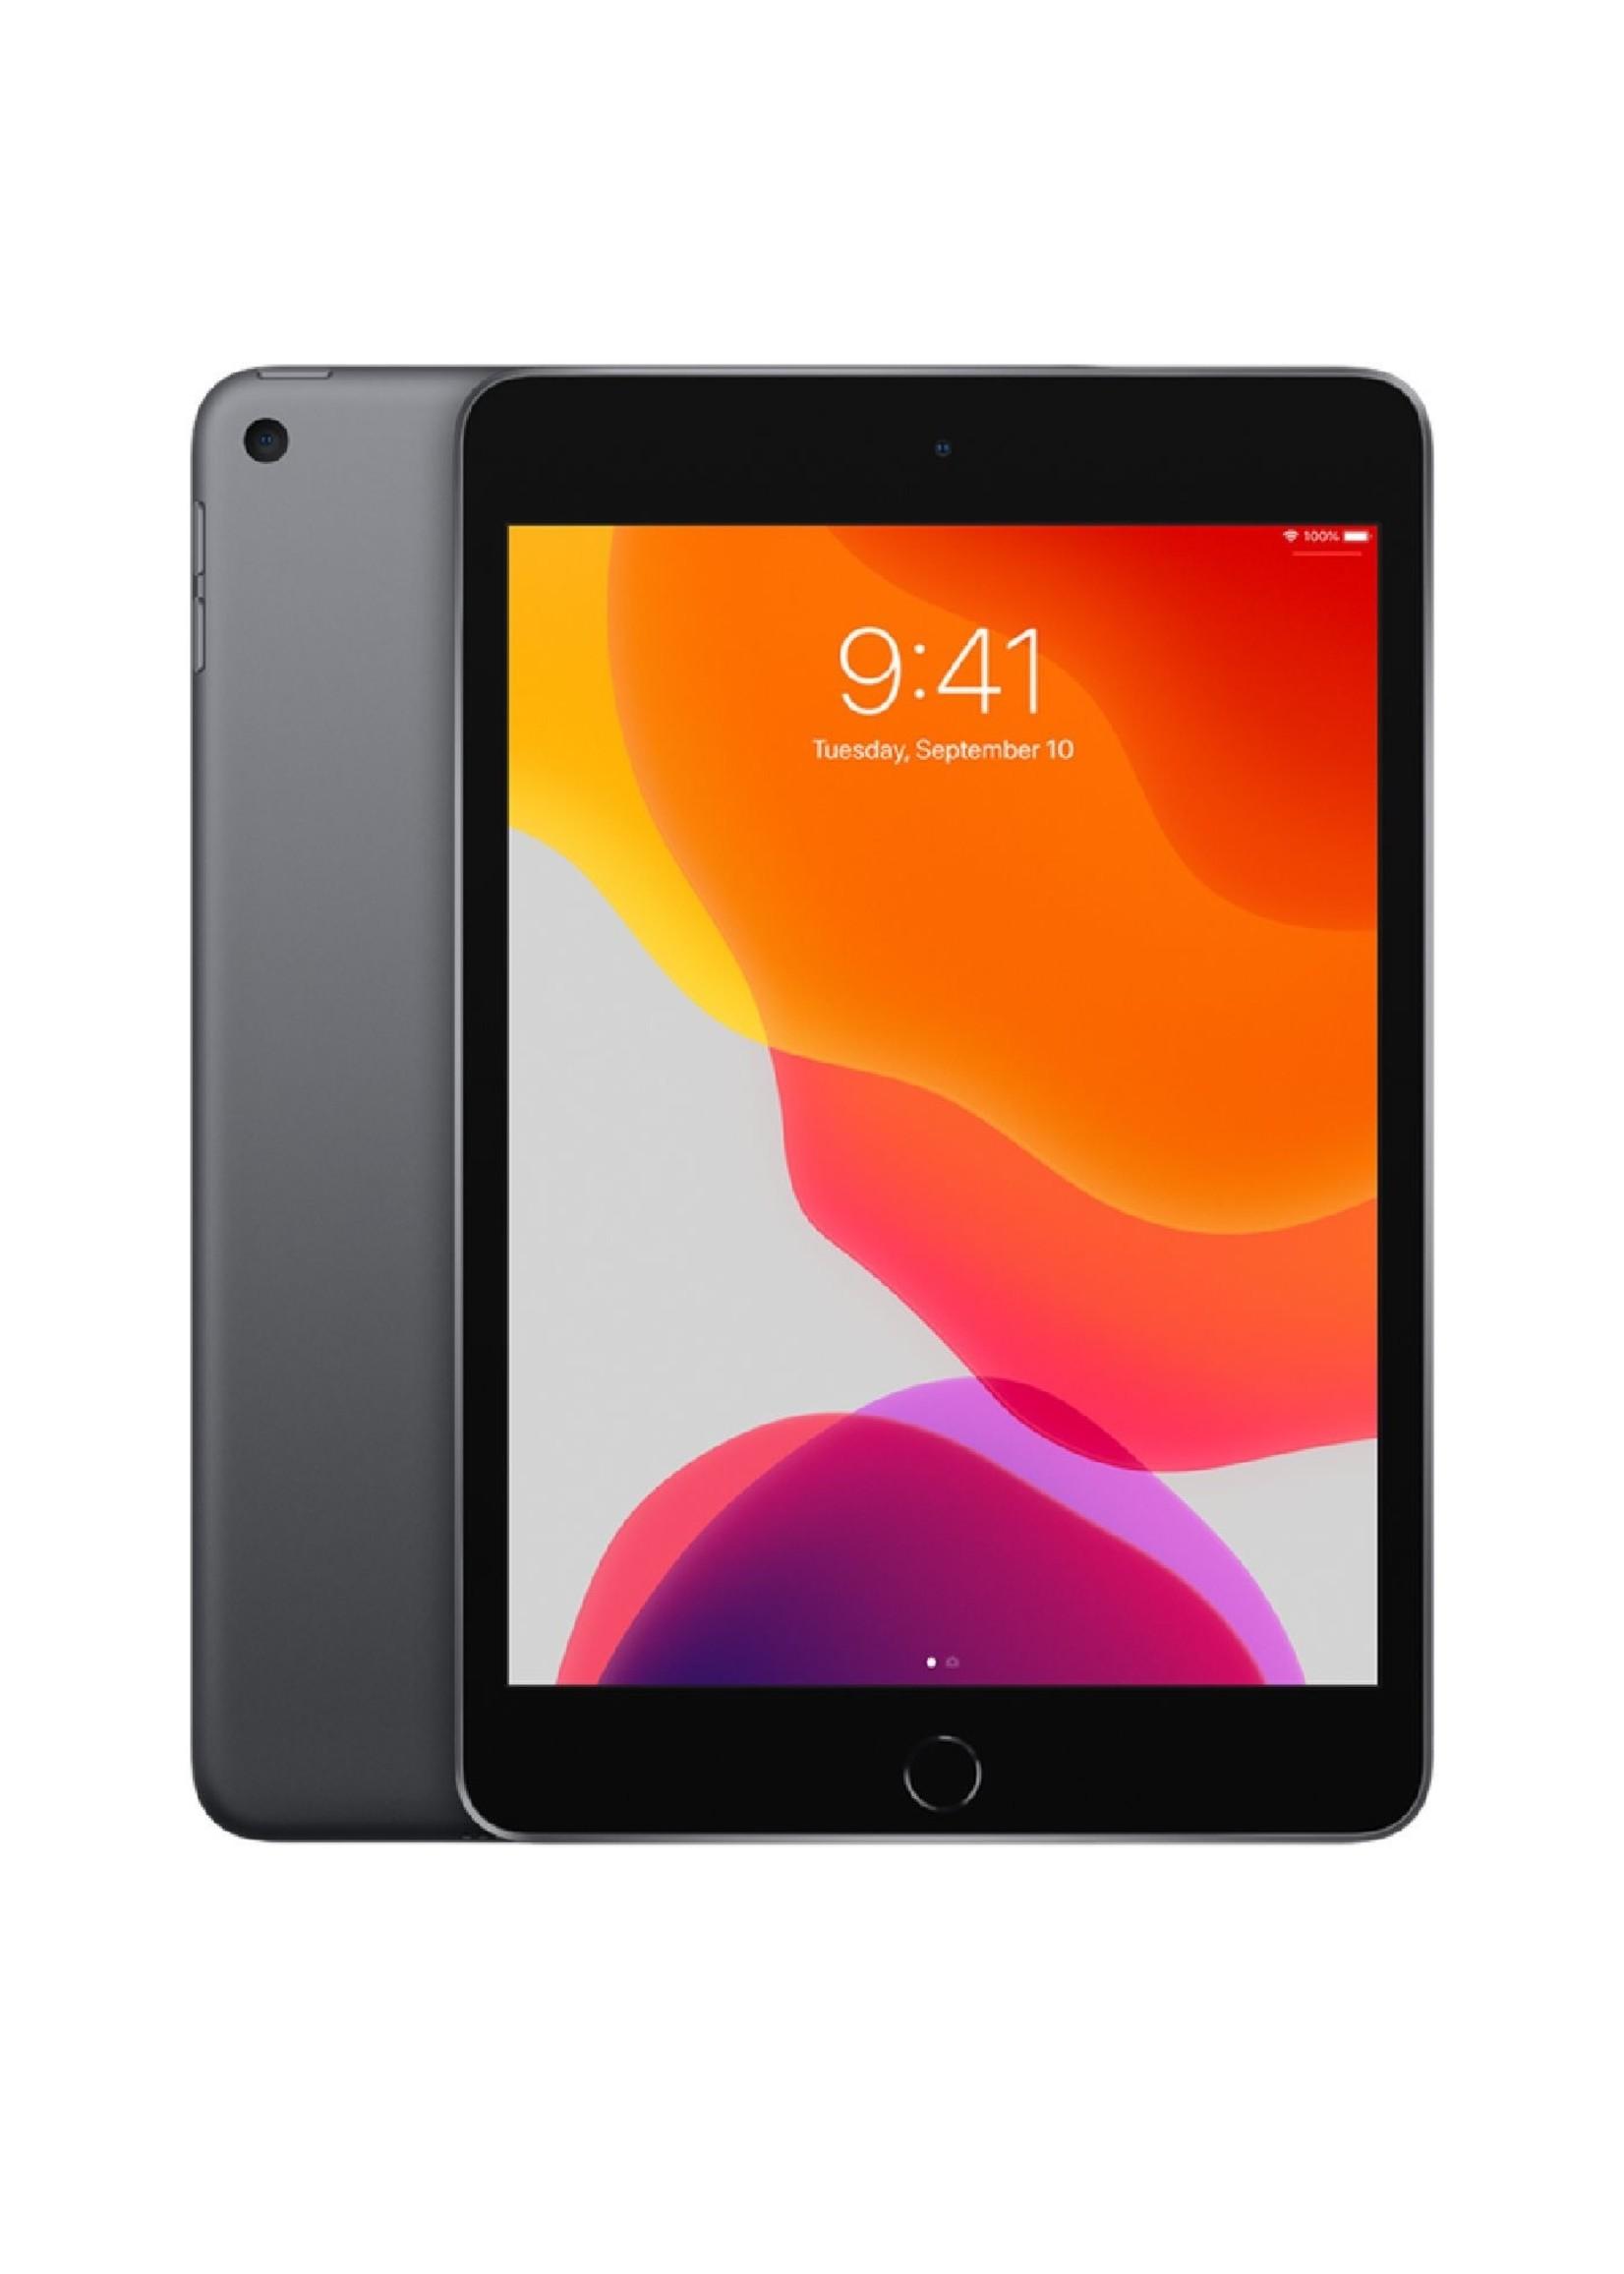 Apple iPad Wi-Fi 128GB Space Gray